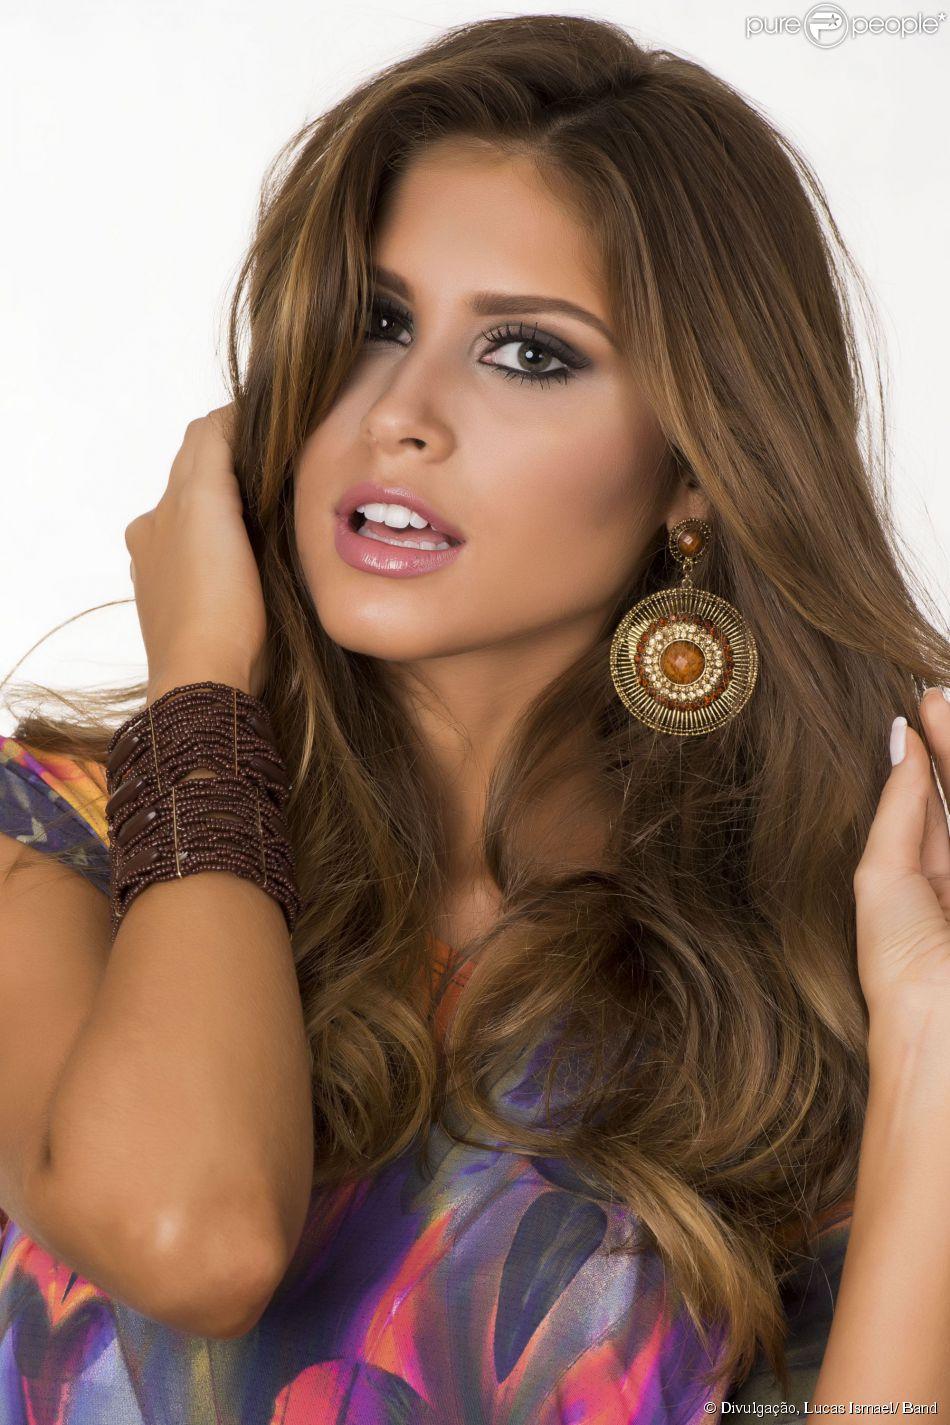 gabriele marinho, miss teen world 2012/top 5 de miss brasil mundo 2013/top 5 de miss brasil universo 2016. T5oix5m9